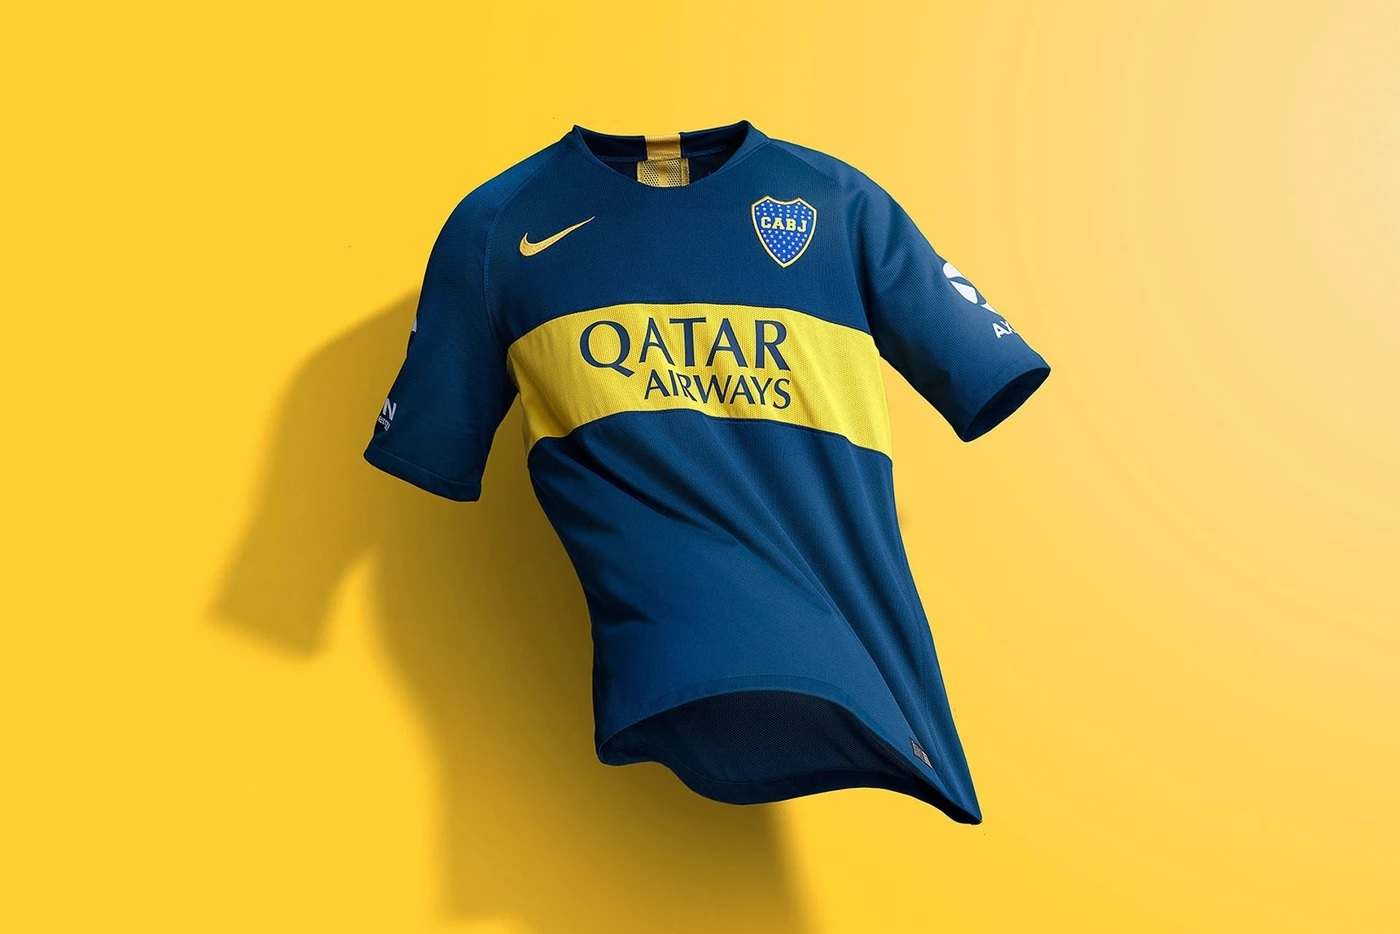 Santos  Nova camisa 3 dourada vaza antes do lançamento oficial ... 51009b37efb82